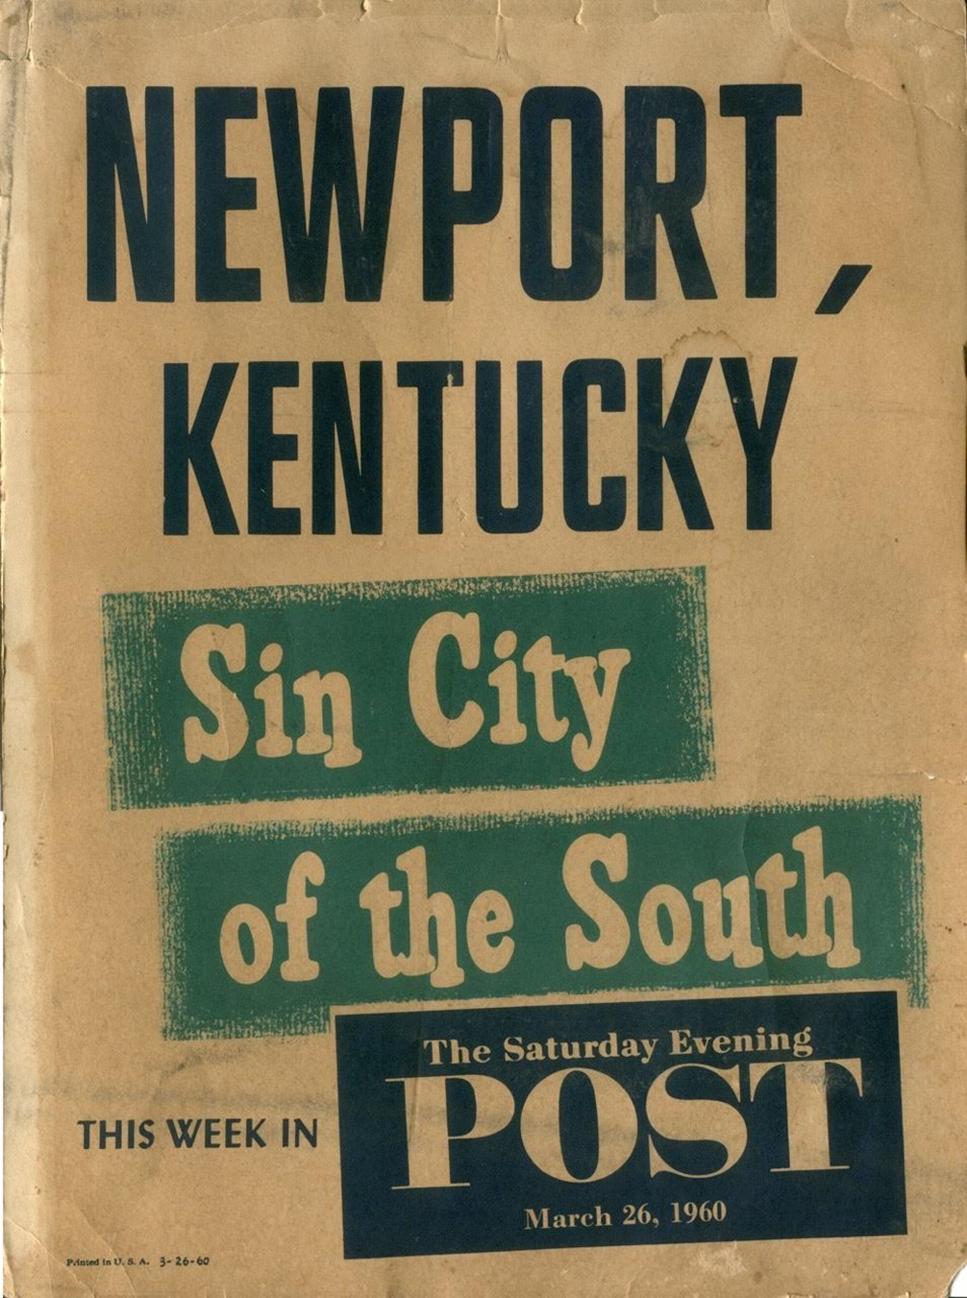 Newport kentucky strip clubs